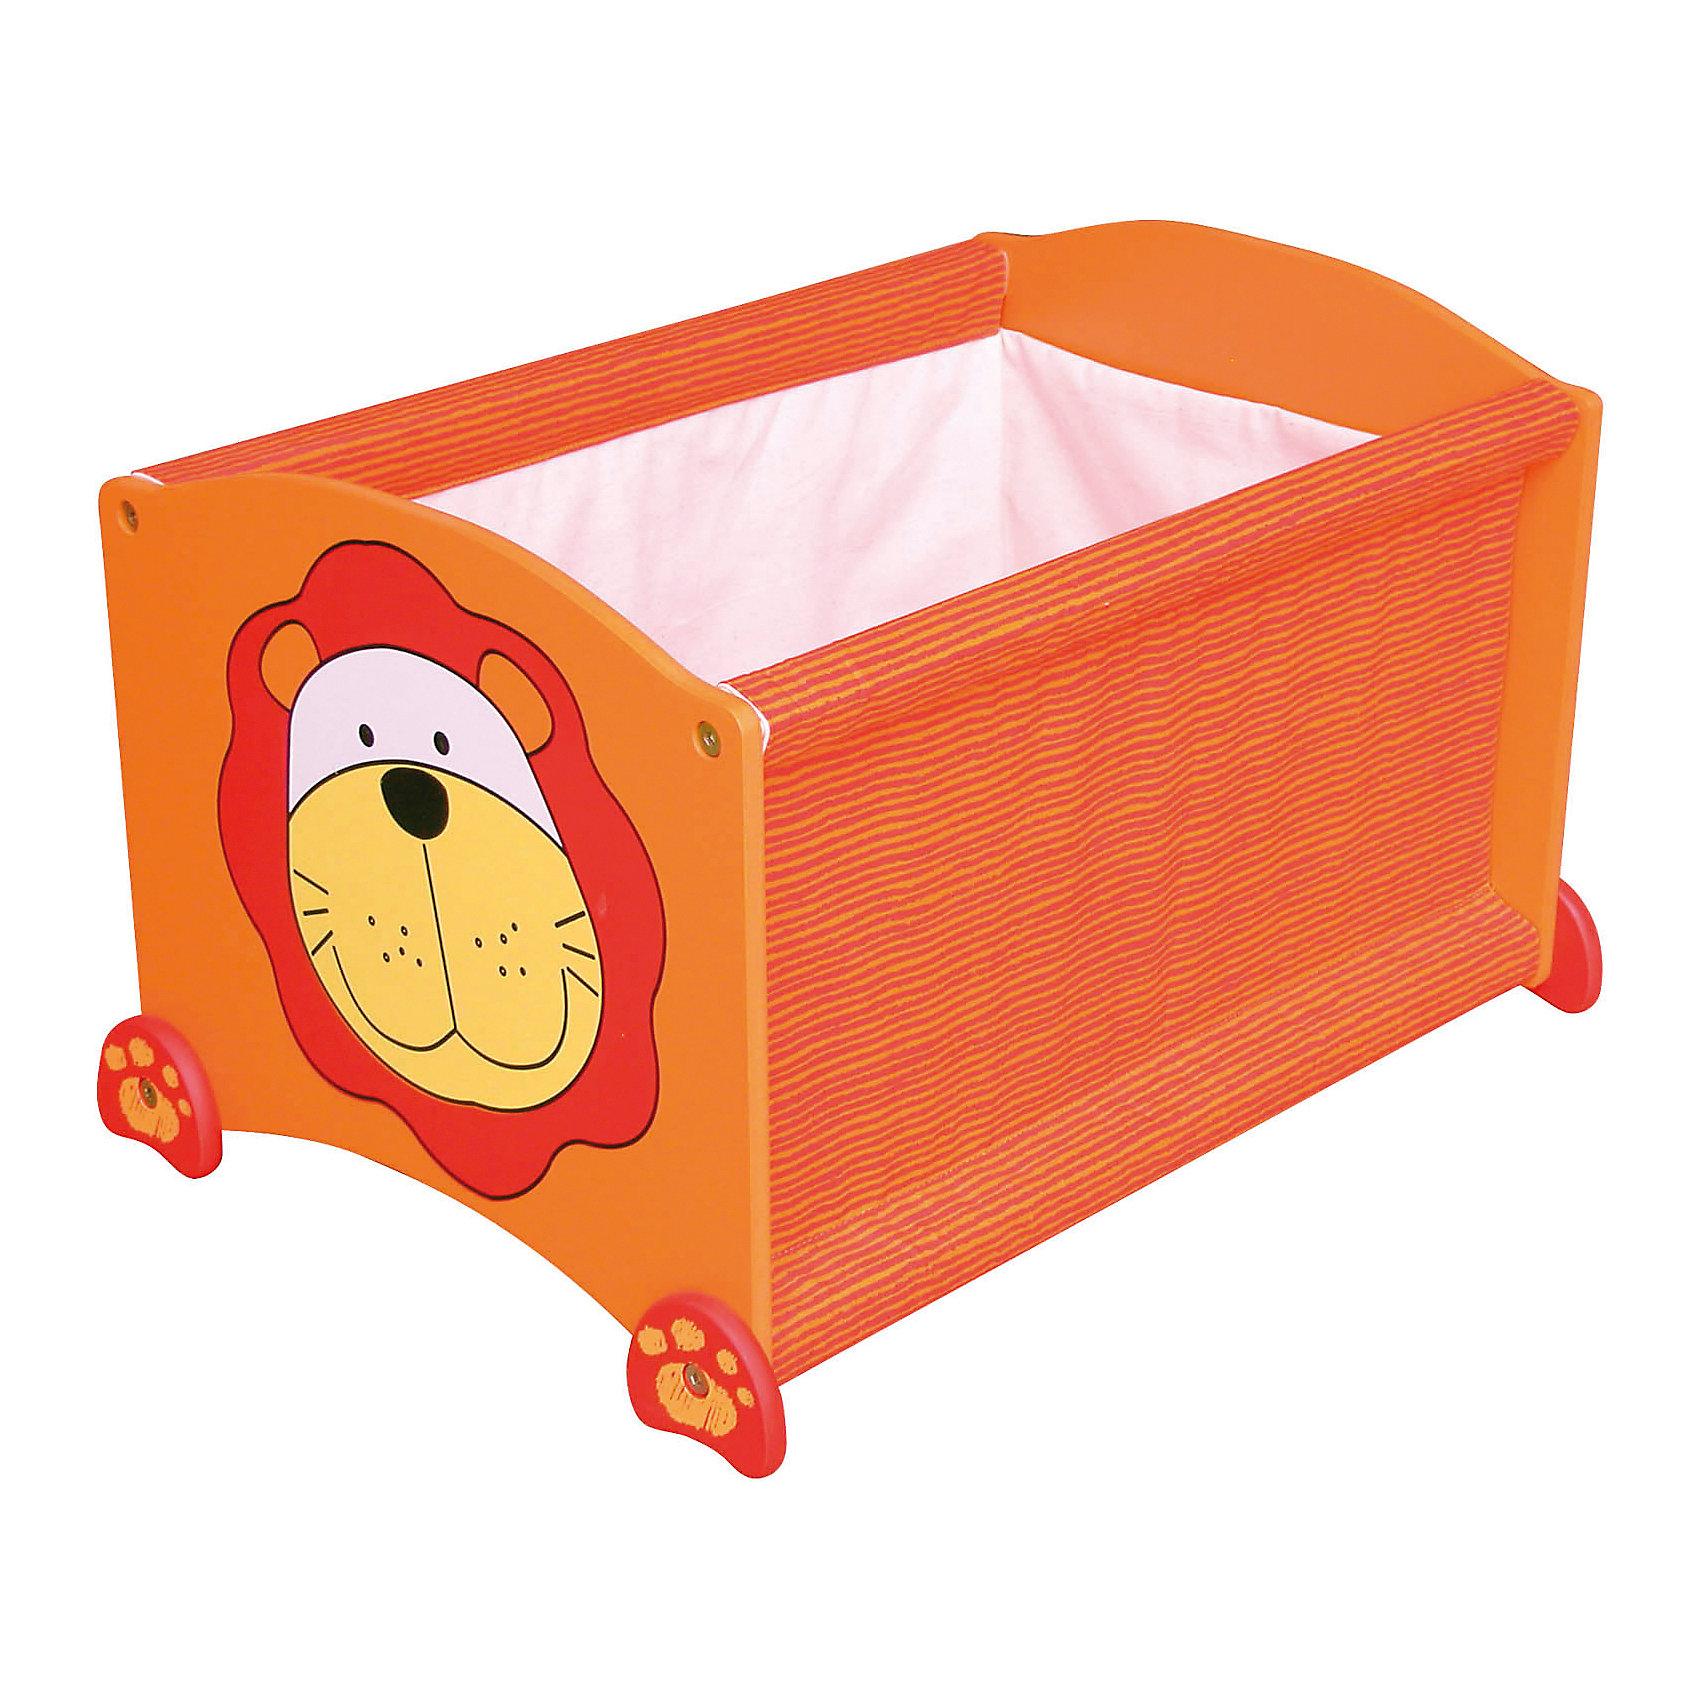 Ящик для хранения Тигр, Im Toy, оранжевыйПорядок в детской<br>Ящик для хранения Тигр, Im Toy, оранжевый.<br><br>Характеристики:<br><br>• Для детей в возрасте: от 3 до 6 лет<br>• Материал: древесина, текстиль<br>• Цвет: оранжевый<br>• Размер: 34 х 44 х 32,5 см.<br>• Вес: 2,583 кг.<br><br>Ящик для хранения позволит вам сохранять порядок в детской комнате, а также приучать малыша к аккуратности и к тому, что все вещи должны лежать на своих местах. Ящик выполнен в виде прямоугольной конструкции оранжевого цвета с изображением забавной мордашки тигренка. Он достаточно вместителен. Ящик имеет устойчивое основание, поэтому малыш не опрокинет его во время использования. Углы изделия закруглены. Ящик изготовлен из высококачественной экологичной древесины и текстиля, окрашен безопасными, стойкими к истиранию красителями.<br> <br>Ящик для хранения Тигр, Im Toy, оранжевый можно купить в нашем интернет-магазине.<br><br>Ширина мм: 34<br>Глубина мм: 44<br>Высота мм: 33<br>Вес г: 2583<br>Возраст от месяцев: 36<br>Возраст до месяцев: 72<br>Пол: Унисекс<br>Возраст: Детский<br>SKU: 5543472